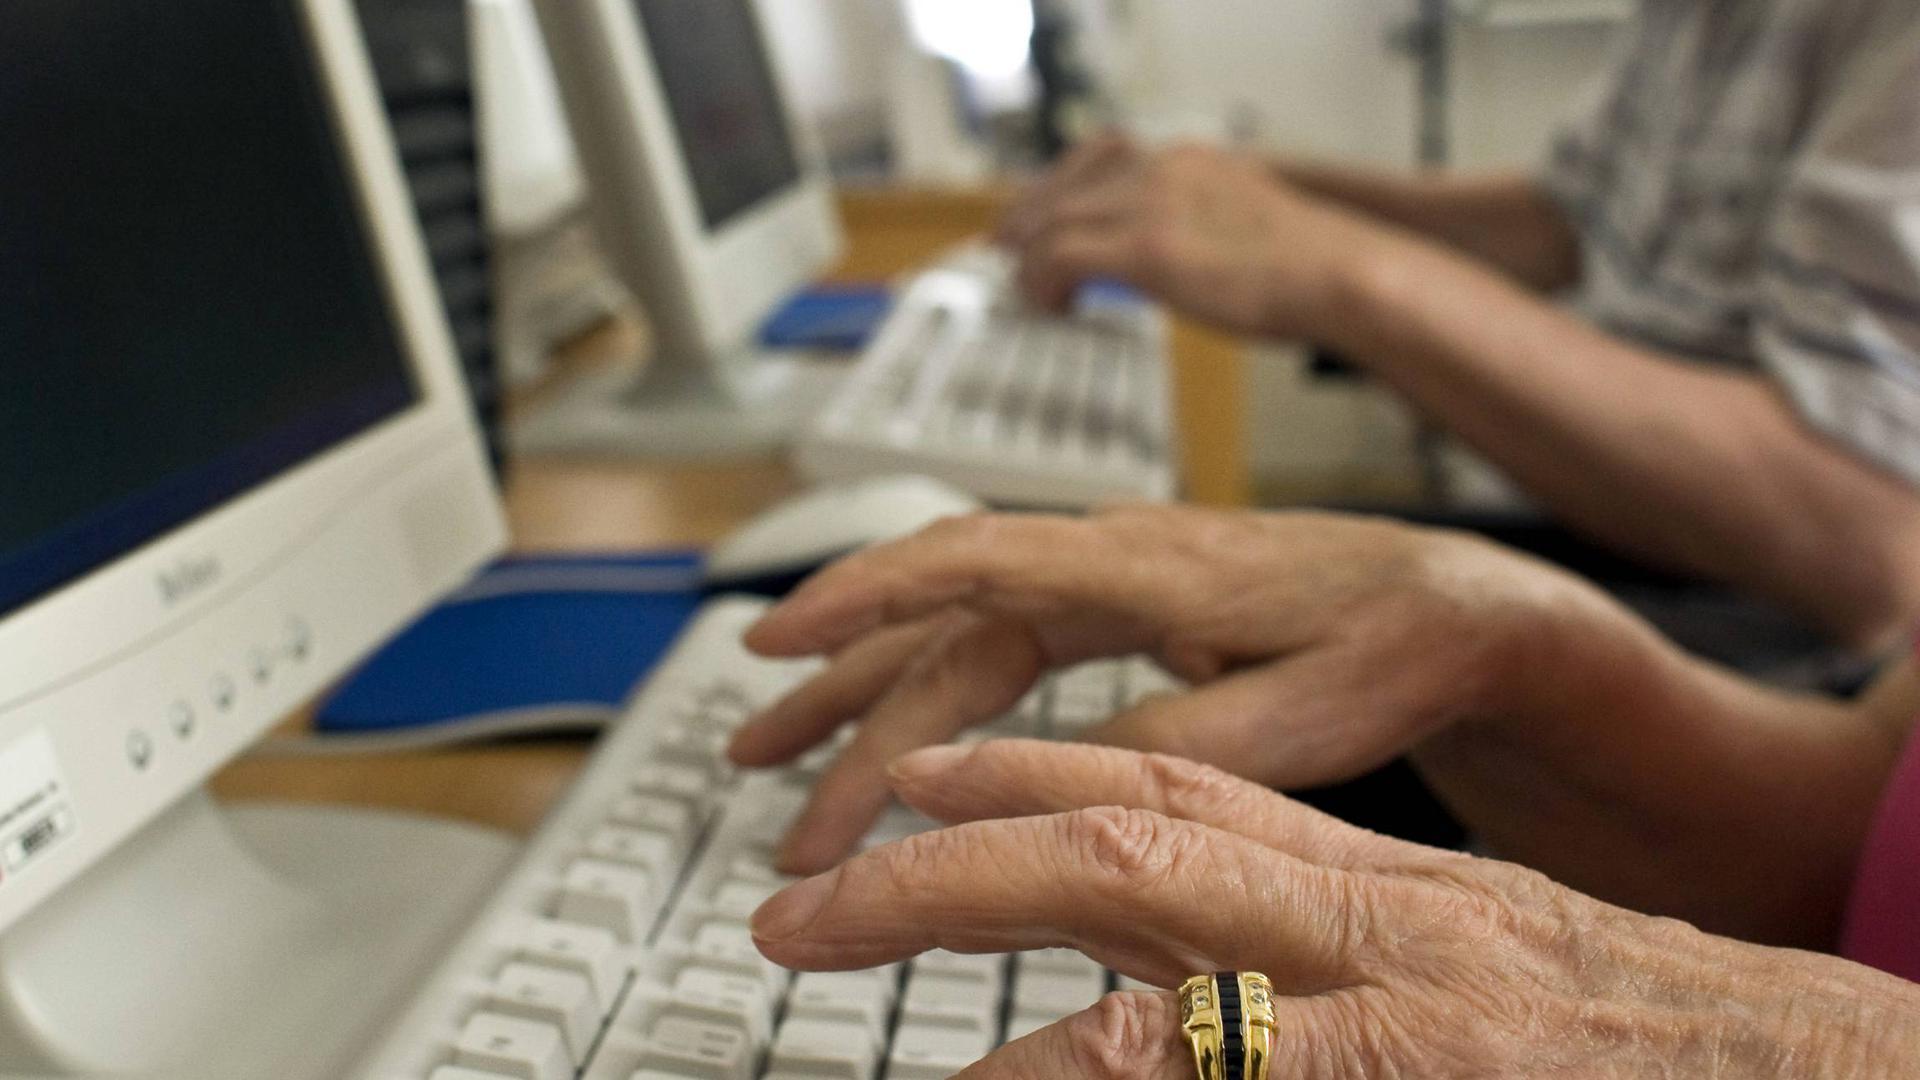 ARCHIV - Ein älterer Mann und eine Frau (vorn) sitzen in Frankfurt (Oder)an Computern in einem Seniorenheim (Archivbild vom 01.07.2008). Nur jeder dritte Deutsche im Alter von über 65 Jahren ist im Internet angekommen - jetzt wollen Bundesregierung und Wirtschaft mehr dafür tun, auch die älteren Menschen ins Netz zu holen. Das sei nicht zuletzt eine Frage der gesellschaftlichen Teilhabe, sagte Bundesverbraucherministerin Ilse Aigner (CSU) am Mittwoch (03.11.2010)in Berlin. Gemeinsam mit dem Fachverband Bitkom stellte Aigner eine Studie vor, wonach nur 32 Prozent der über 65-Jährigen das Internet nutzen - verglichen mit 71 Prozent der Gesamtbevölkerung. Foto: Patrick Pleul dpa/lbn (zu dpa 0434 am 03.11.2010)  +++(c) dpa - Bildfunk+++   Verwendung weltweit